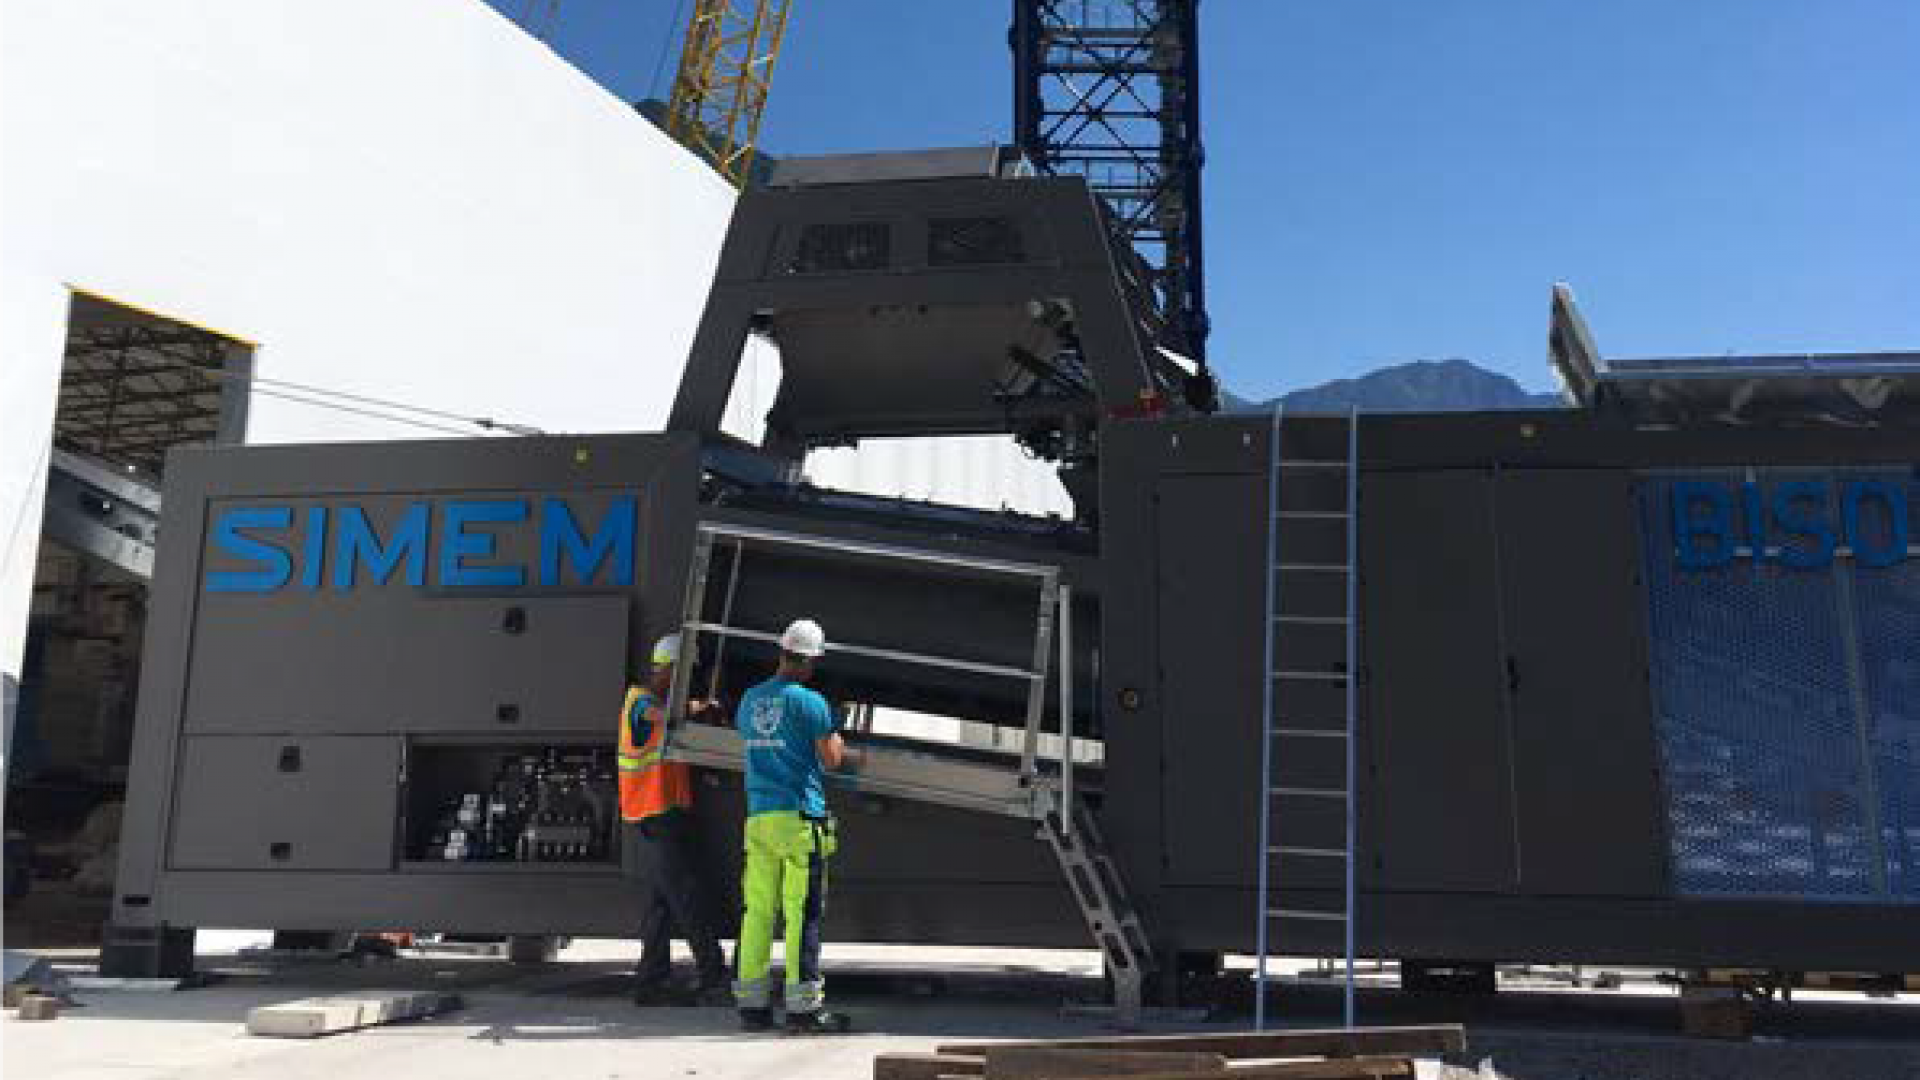 Simem Bison plant Switzerland